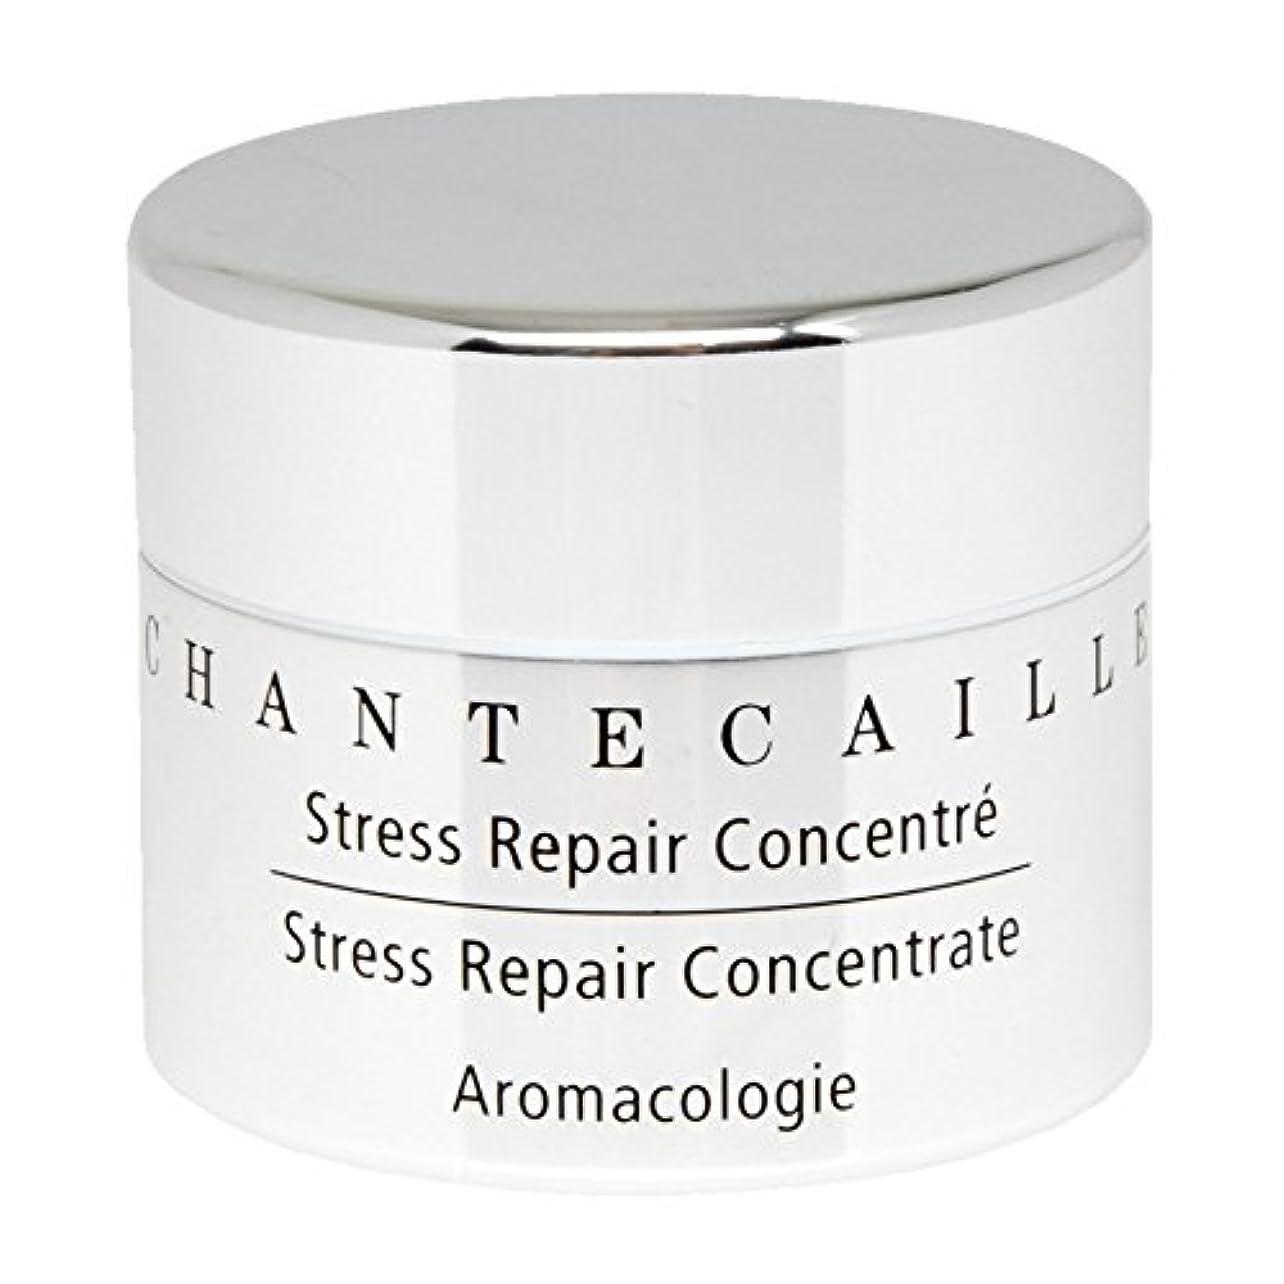 交通渋滞排泄物ボンドChantecaille Stress Repair Concentrate 15ml (Pack of 6) - シャンテカイユストレス修復濃縮15ミリリットル x6 [並行輸入品]